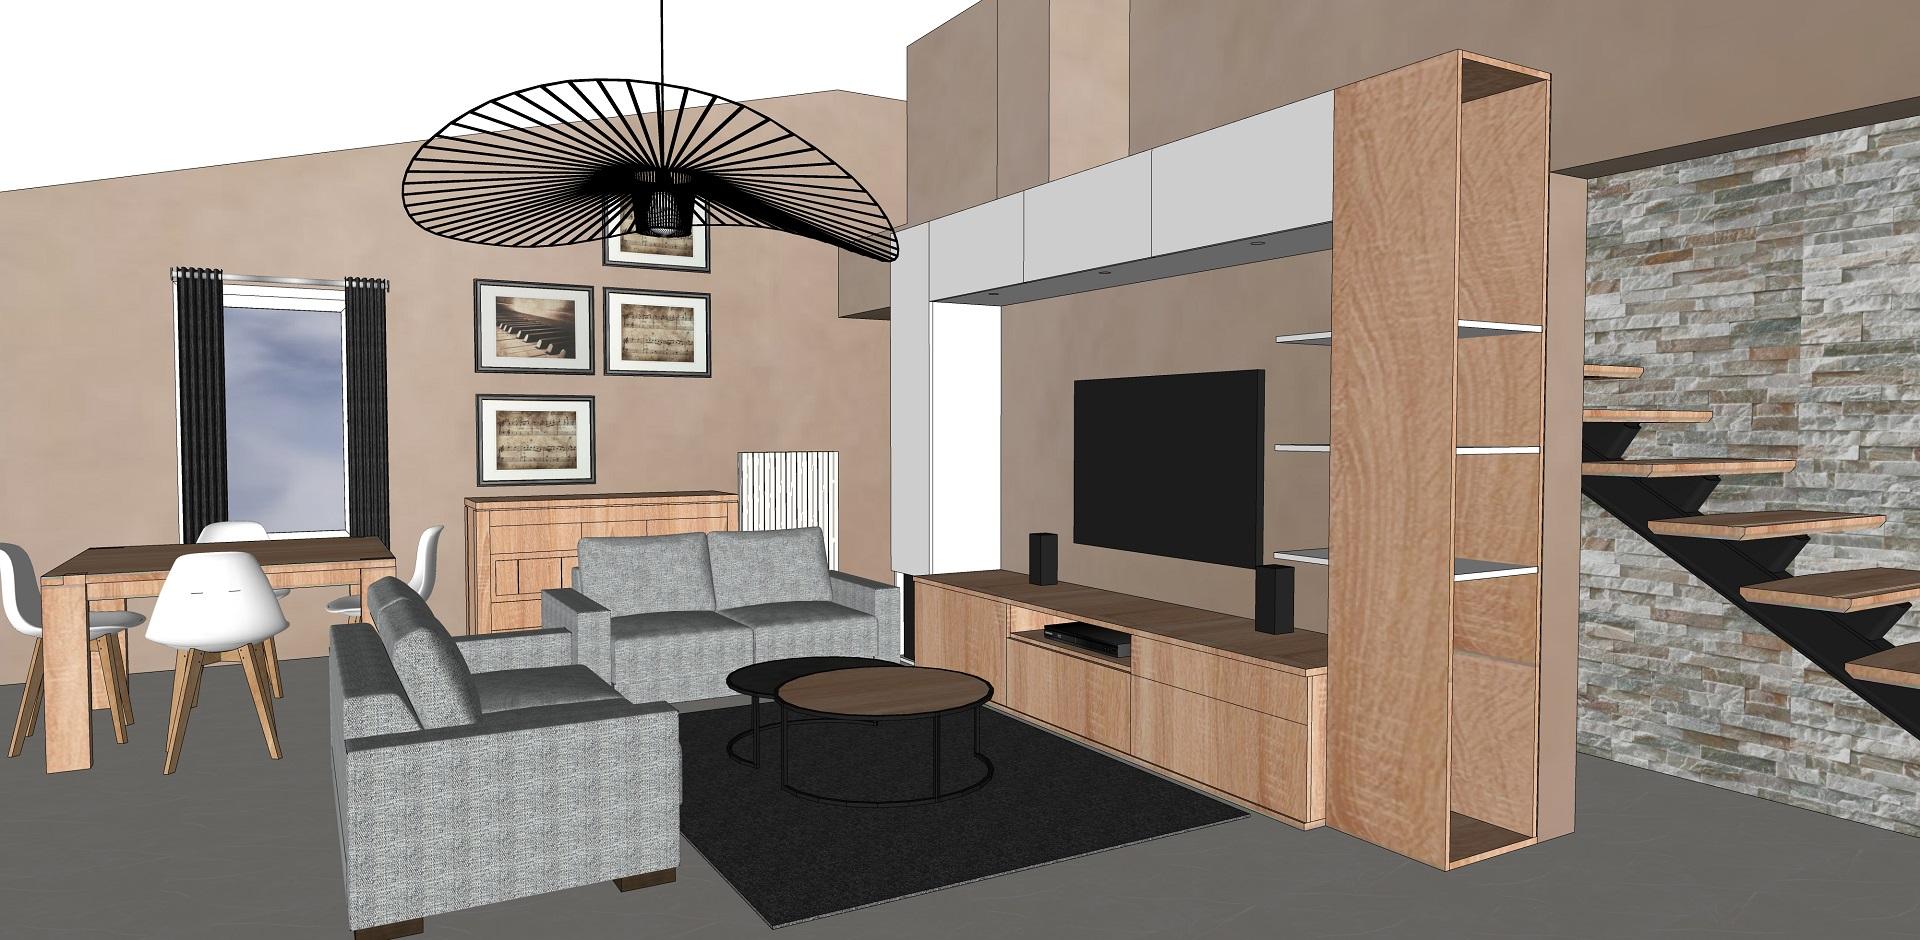 Un grand espace de vie en Ardèche modernisé par la couleur et la création d'un grand meuble TV sur mesure.